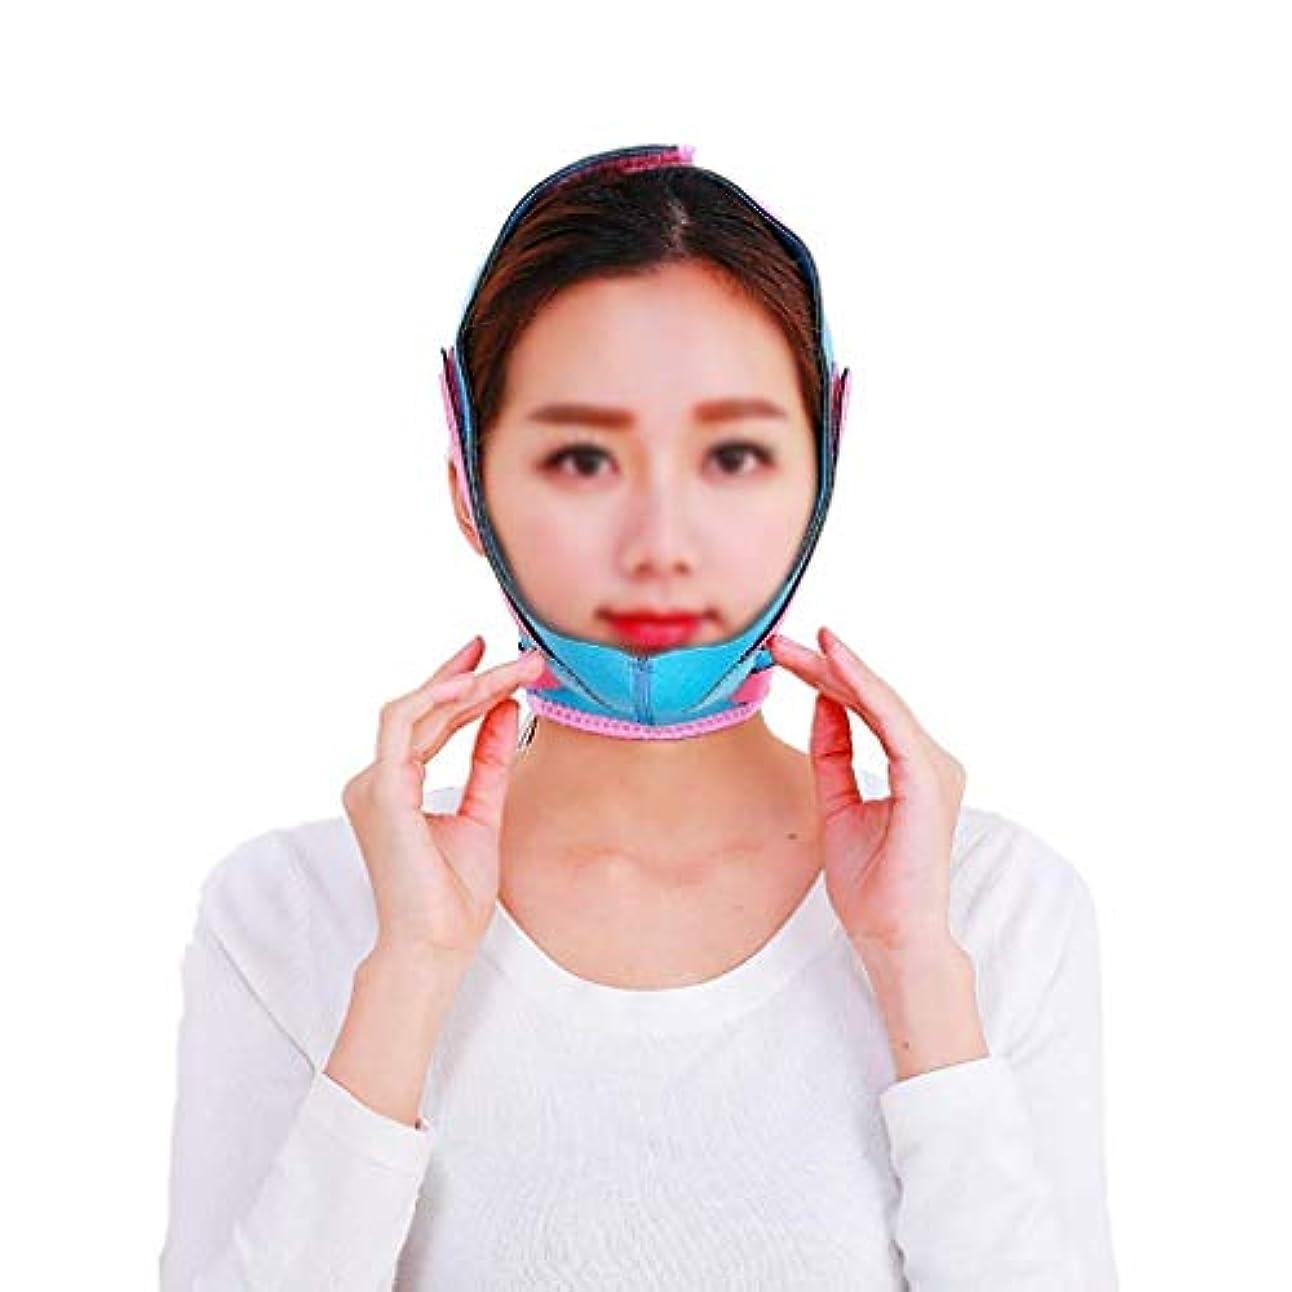 バーマドカビヘルシー顔と首のリフト、男性と女性のフェイスリフトアーティファクトシュリンクマスクを強化輪郭の救済ドループ筋肉引き締め肌弾性V顔包帯